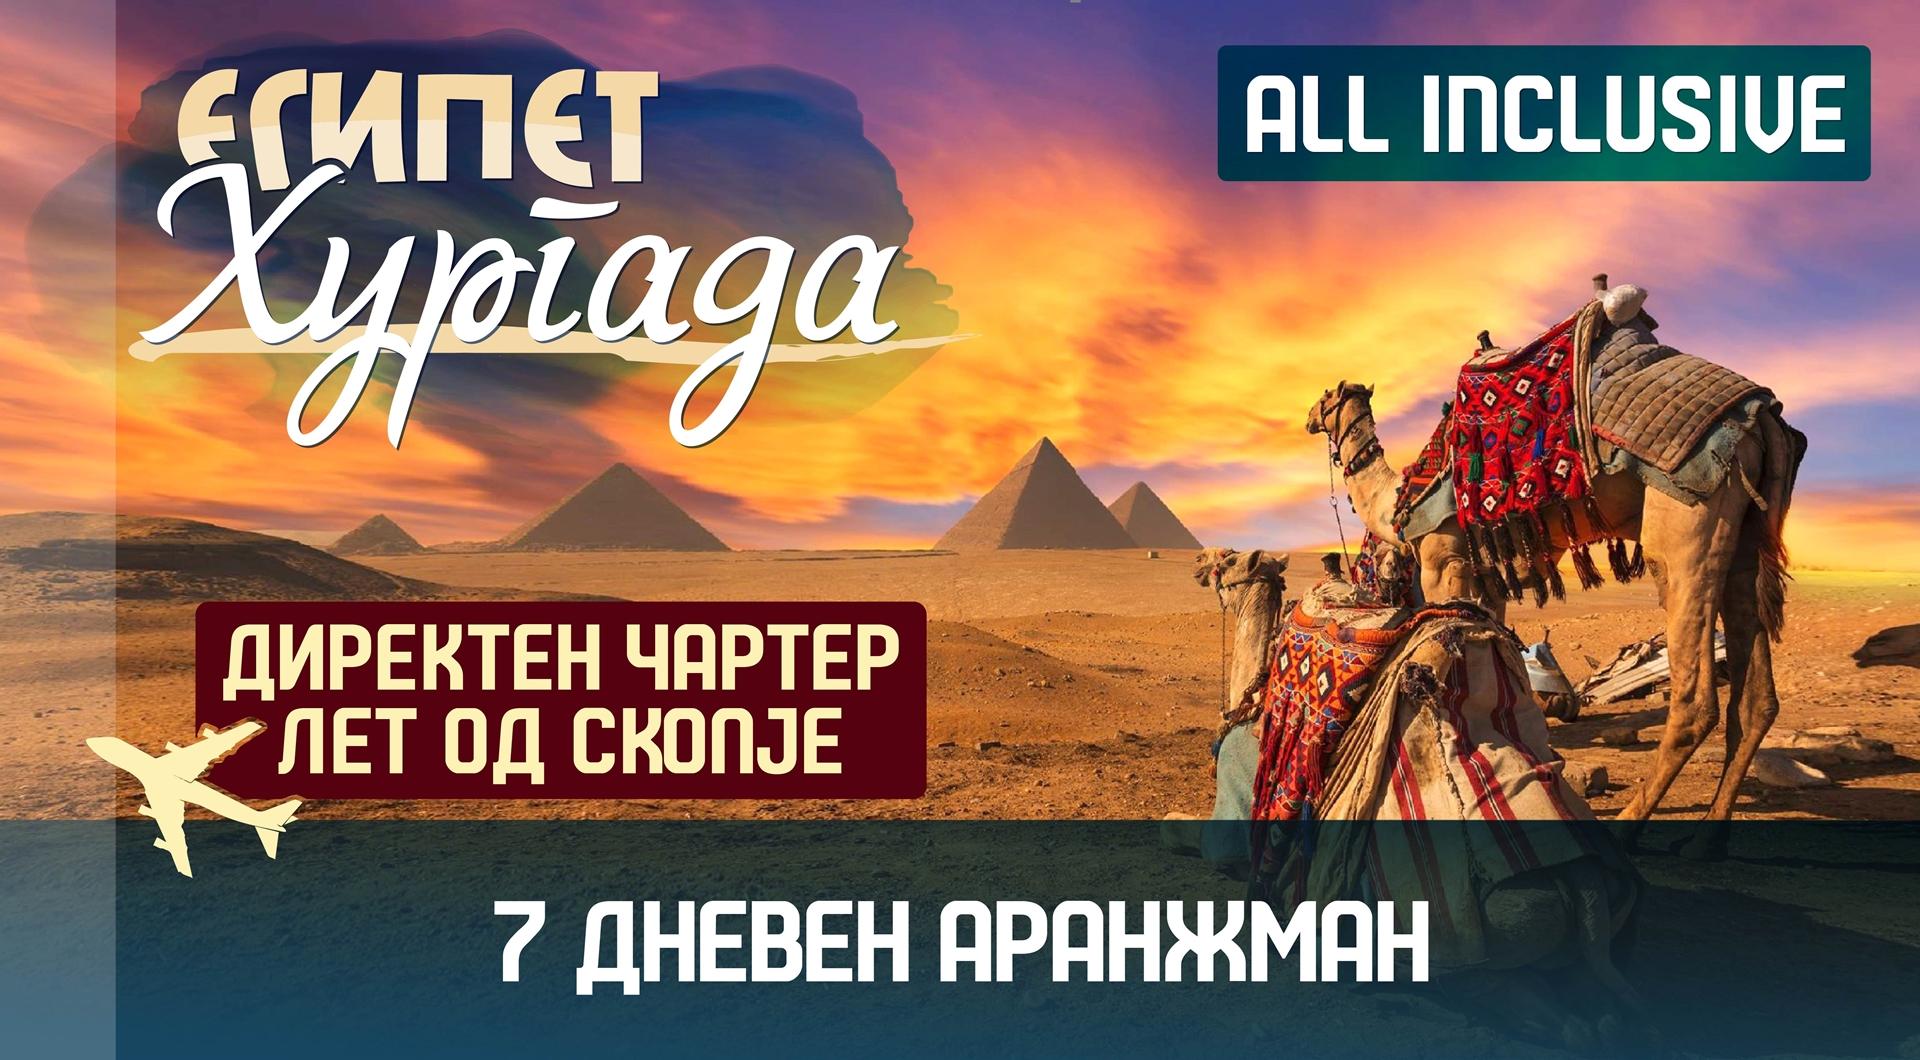 Египет 7 дена